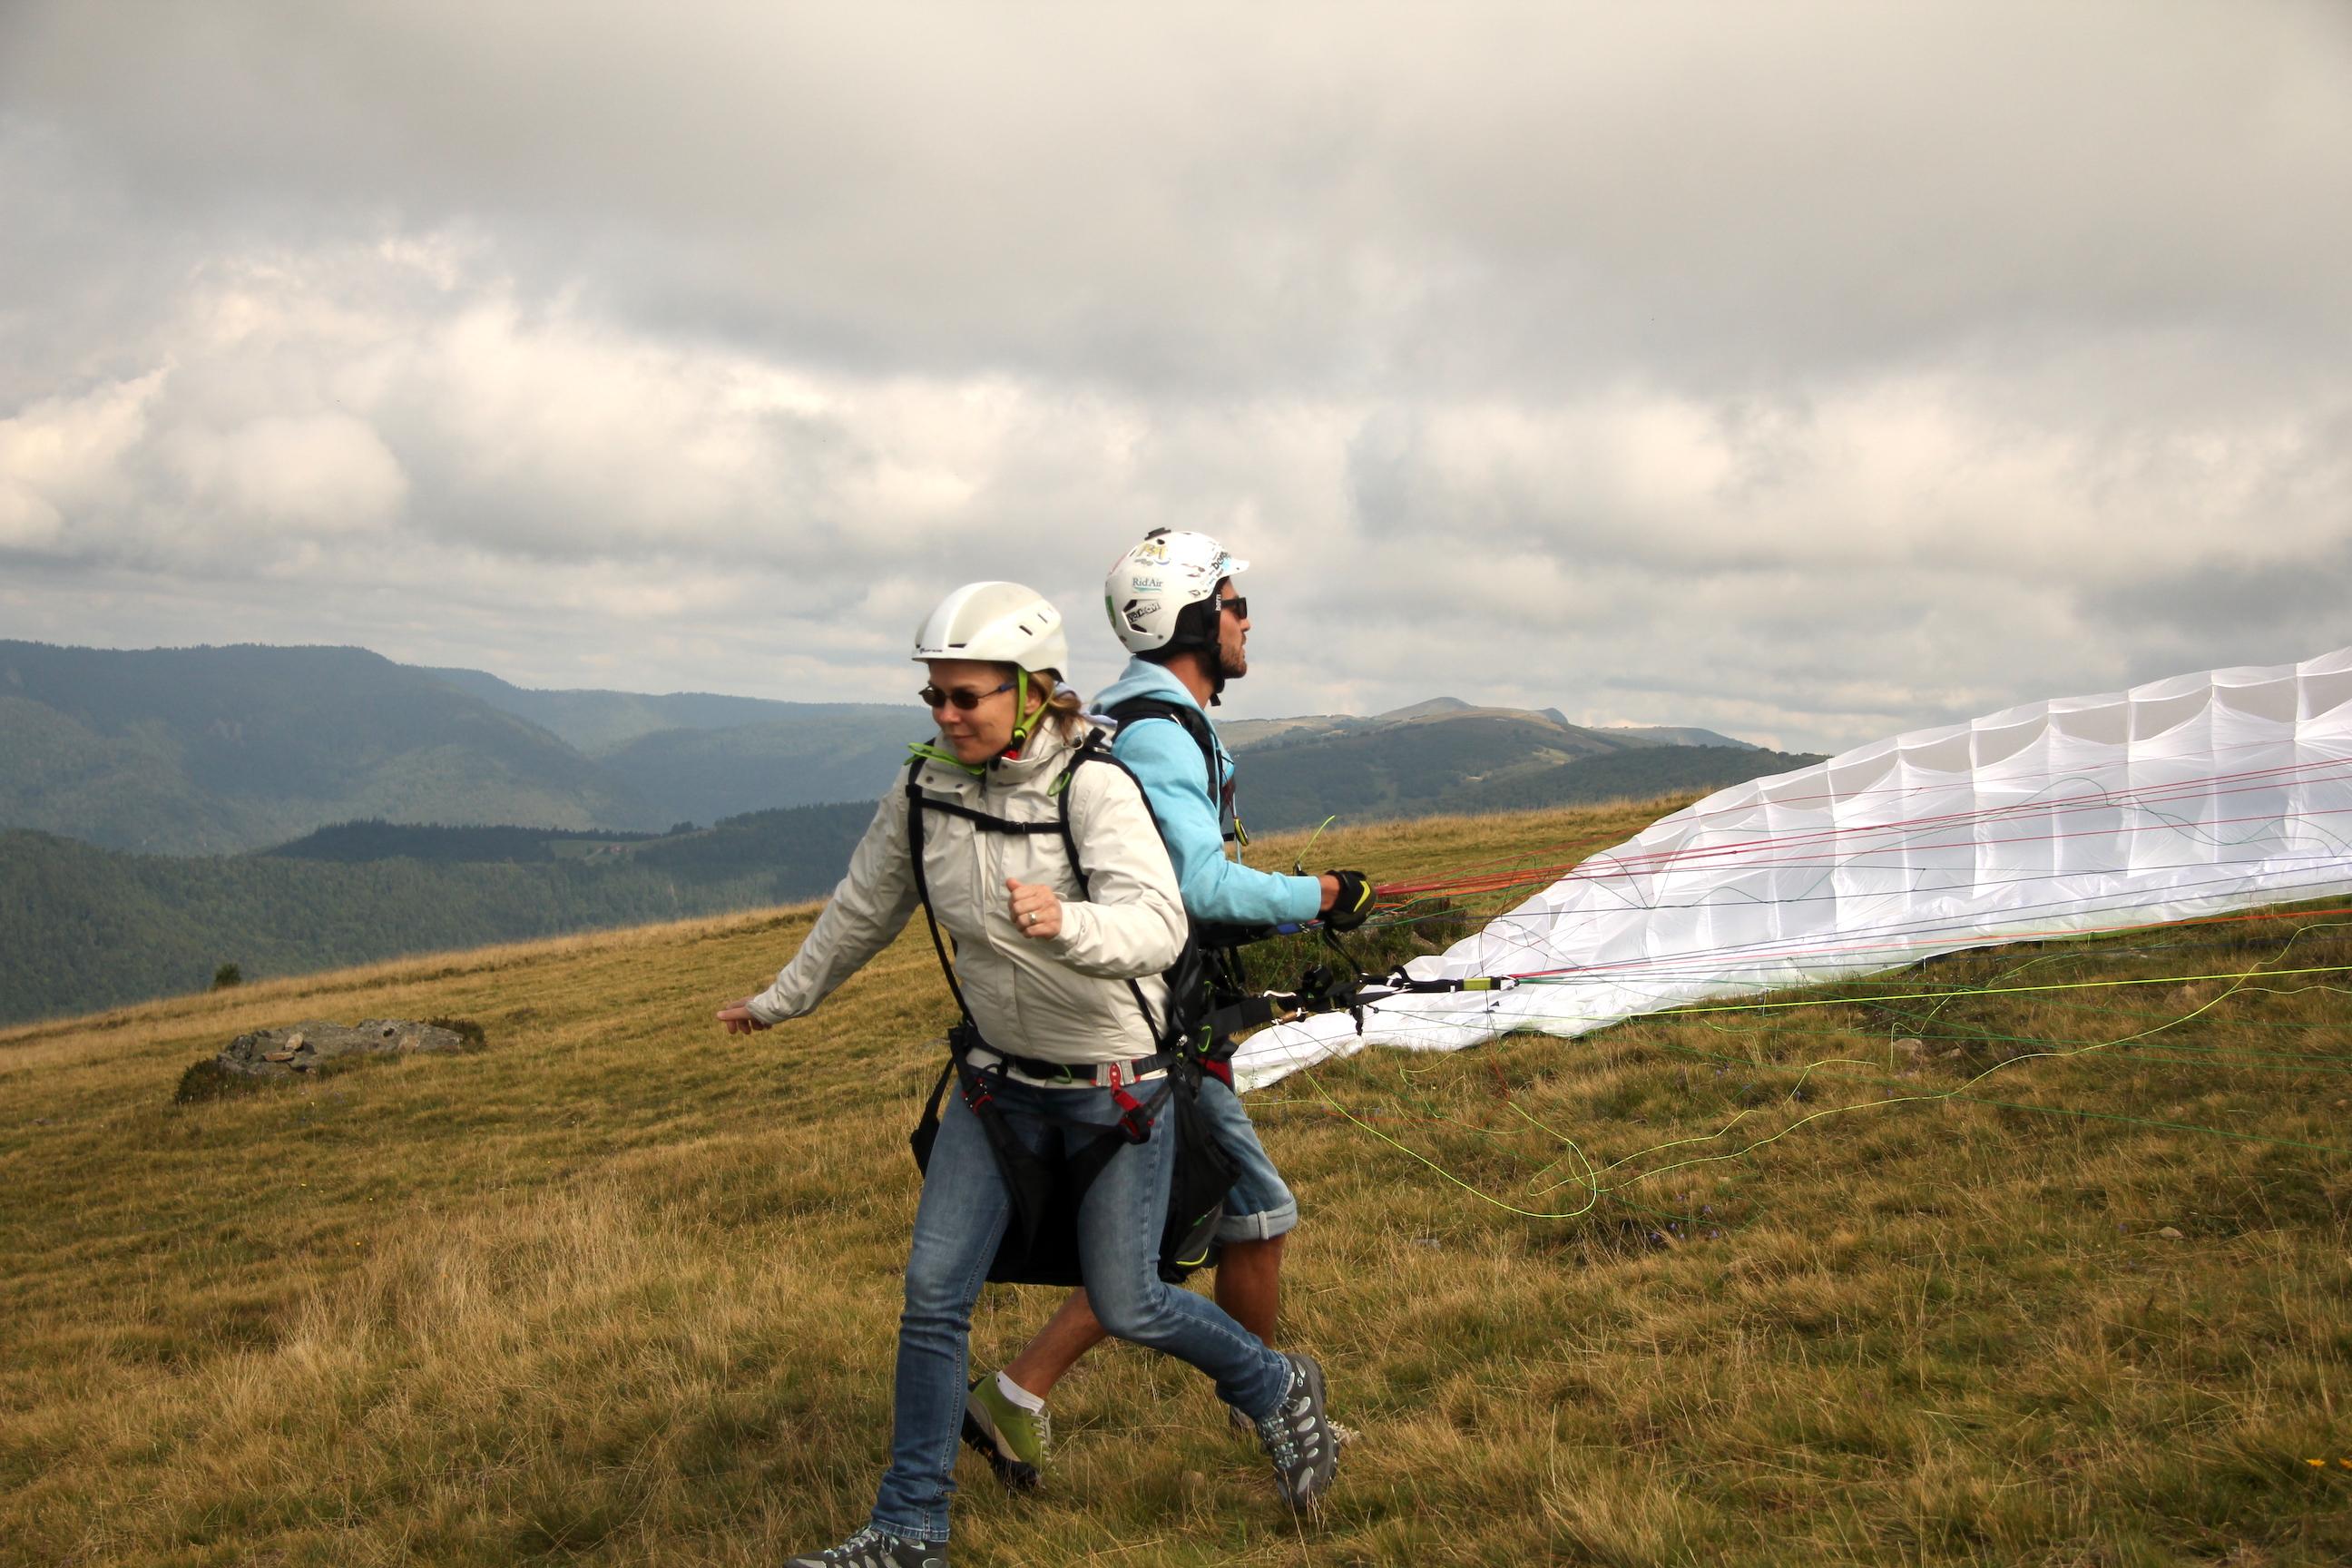 saut_enfants_parapente_parachute